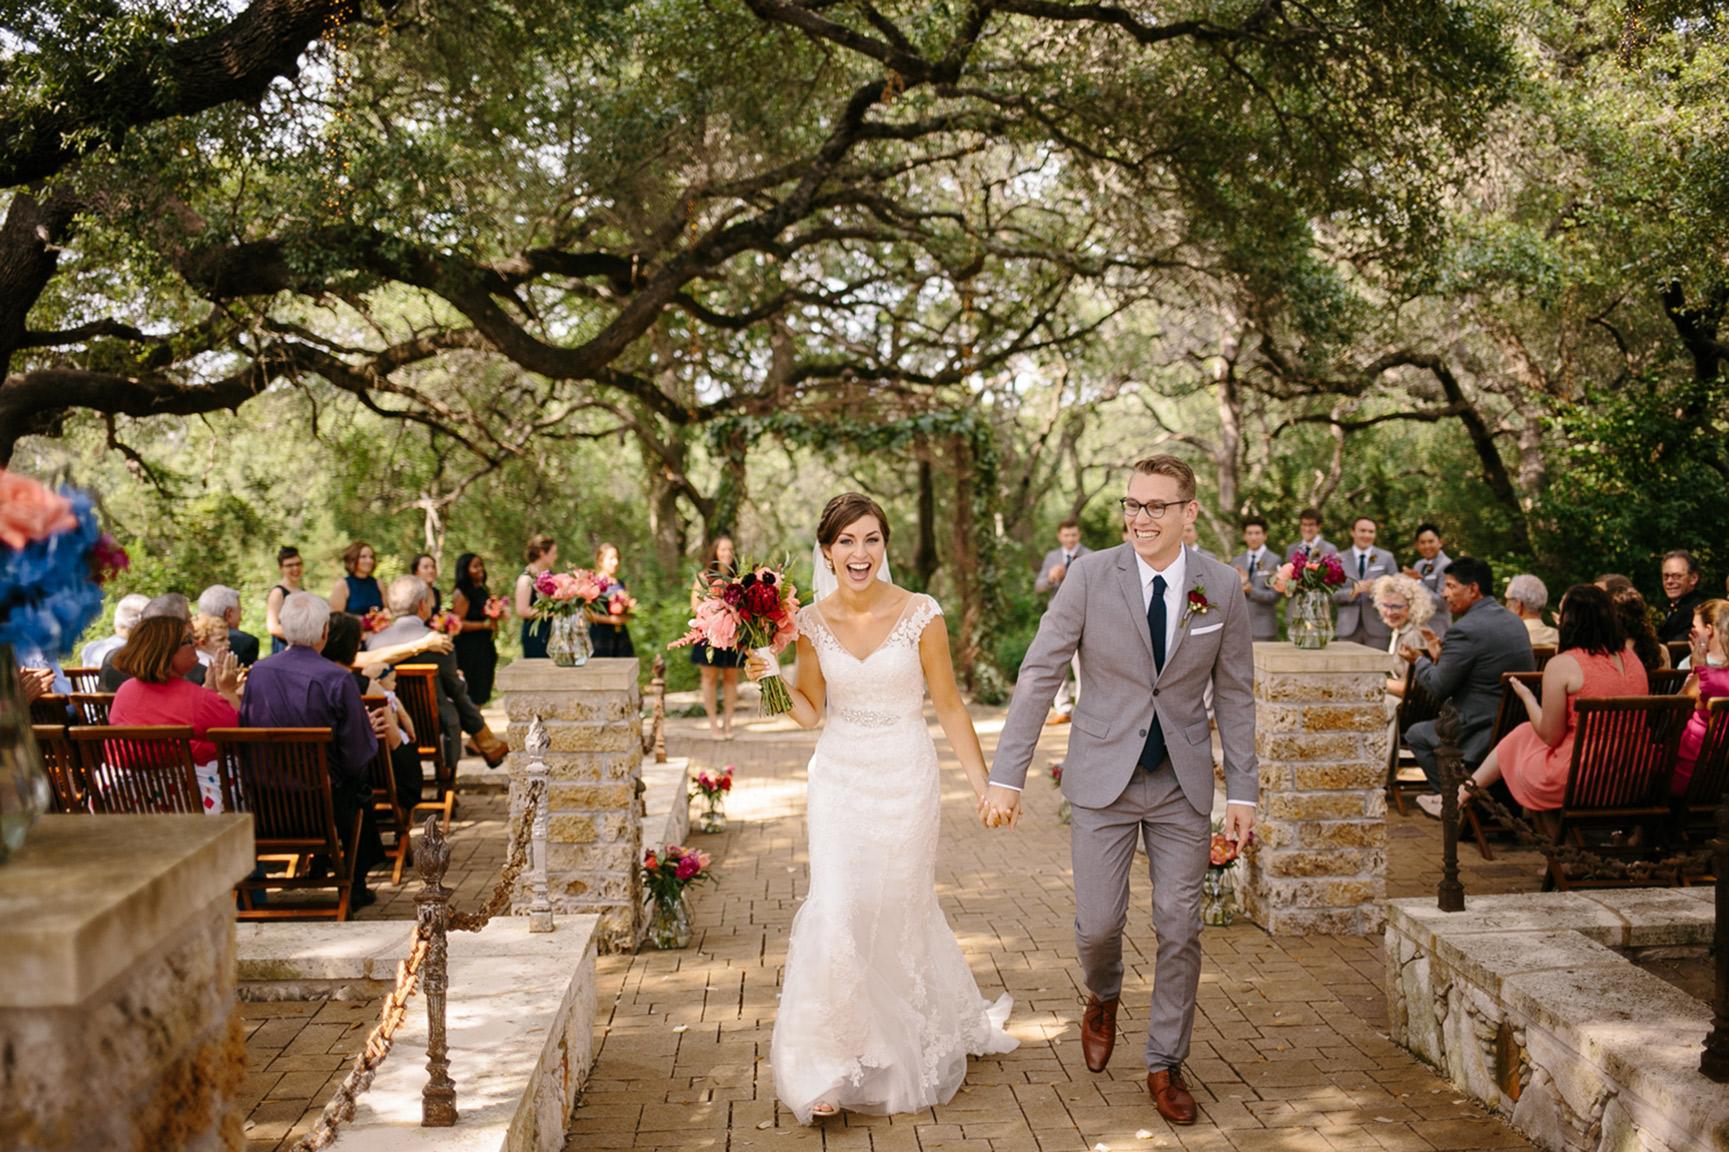 Austin_WeddingPhotographerWARRWEDDING024.jpg